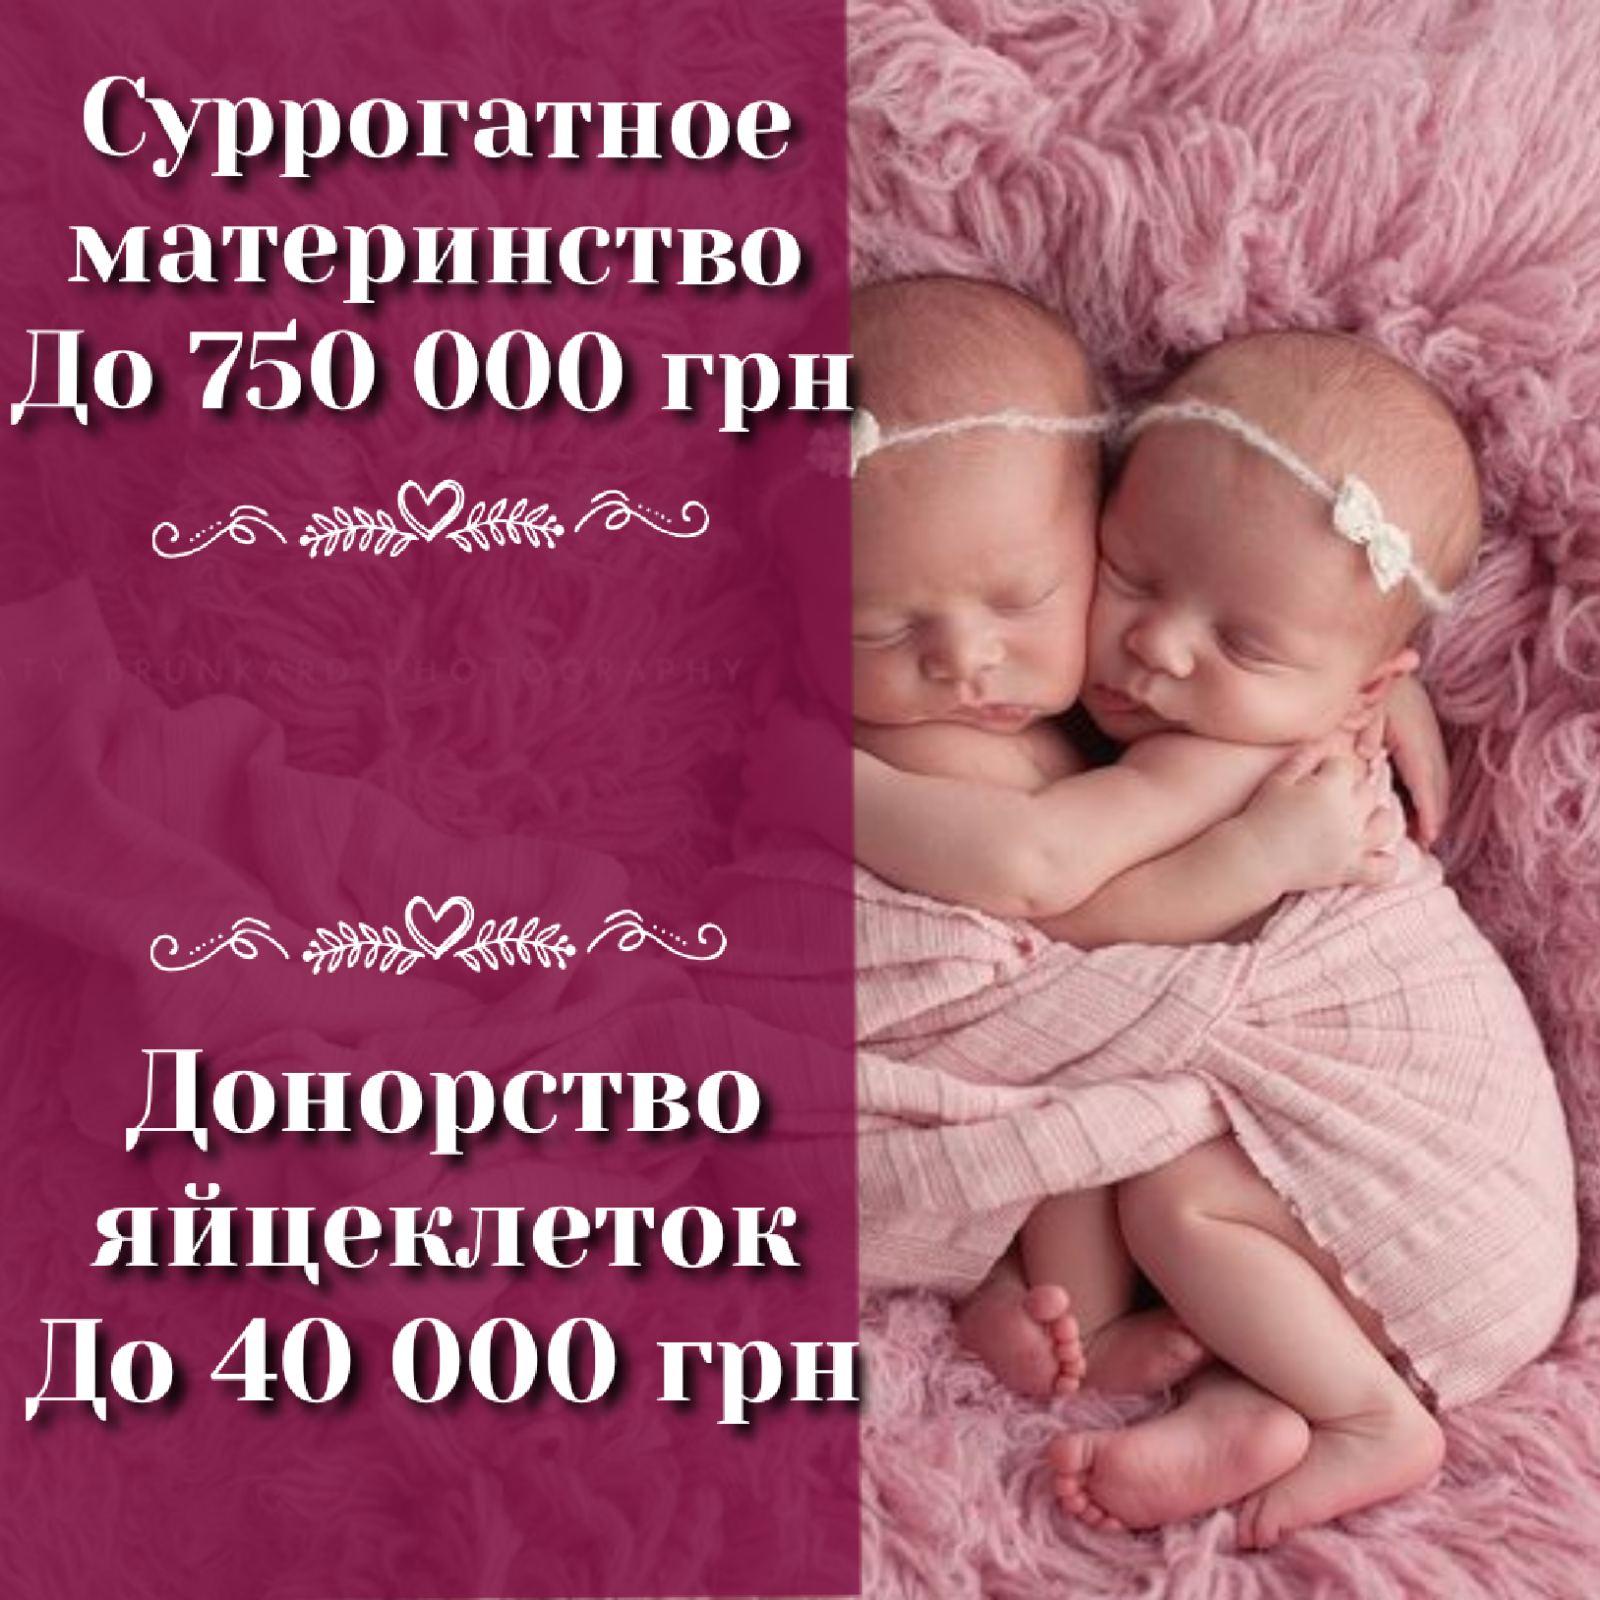 Центр репродукции «Хэппи Мама» Суррогатное Материнство до 750 000 грн.